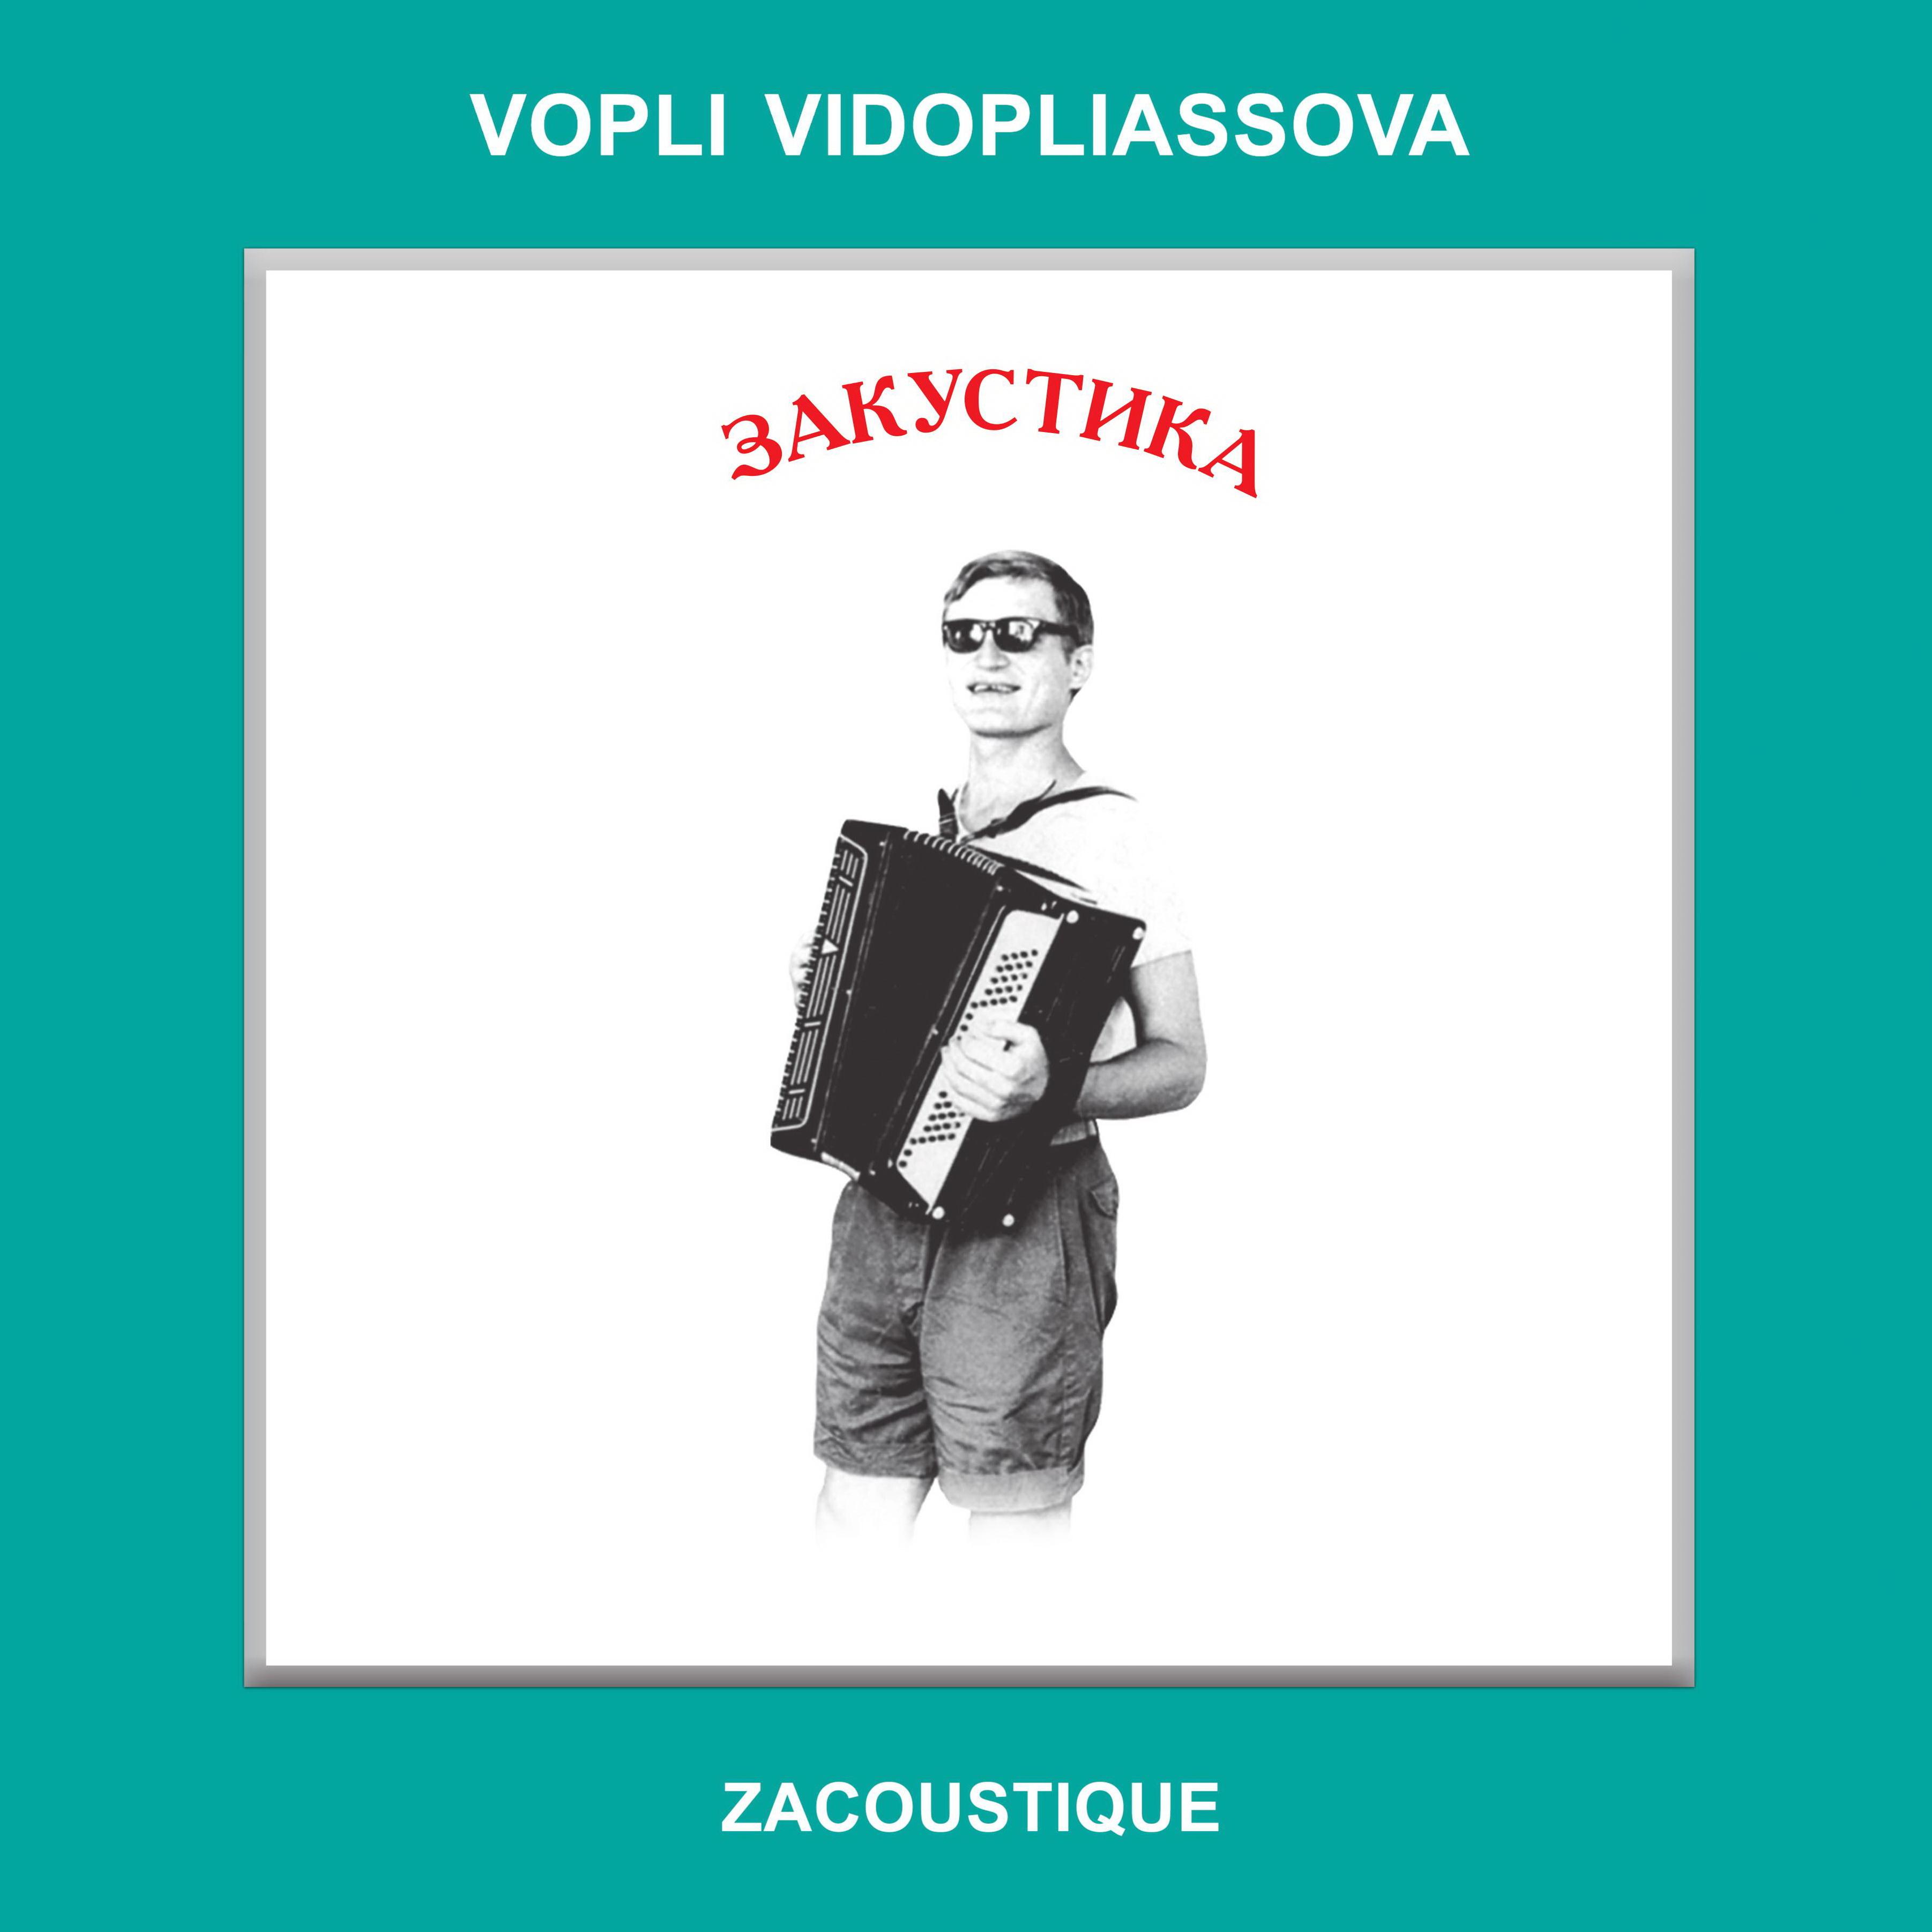 Воплі Відоплясова - Закустика (2020) (Limited)